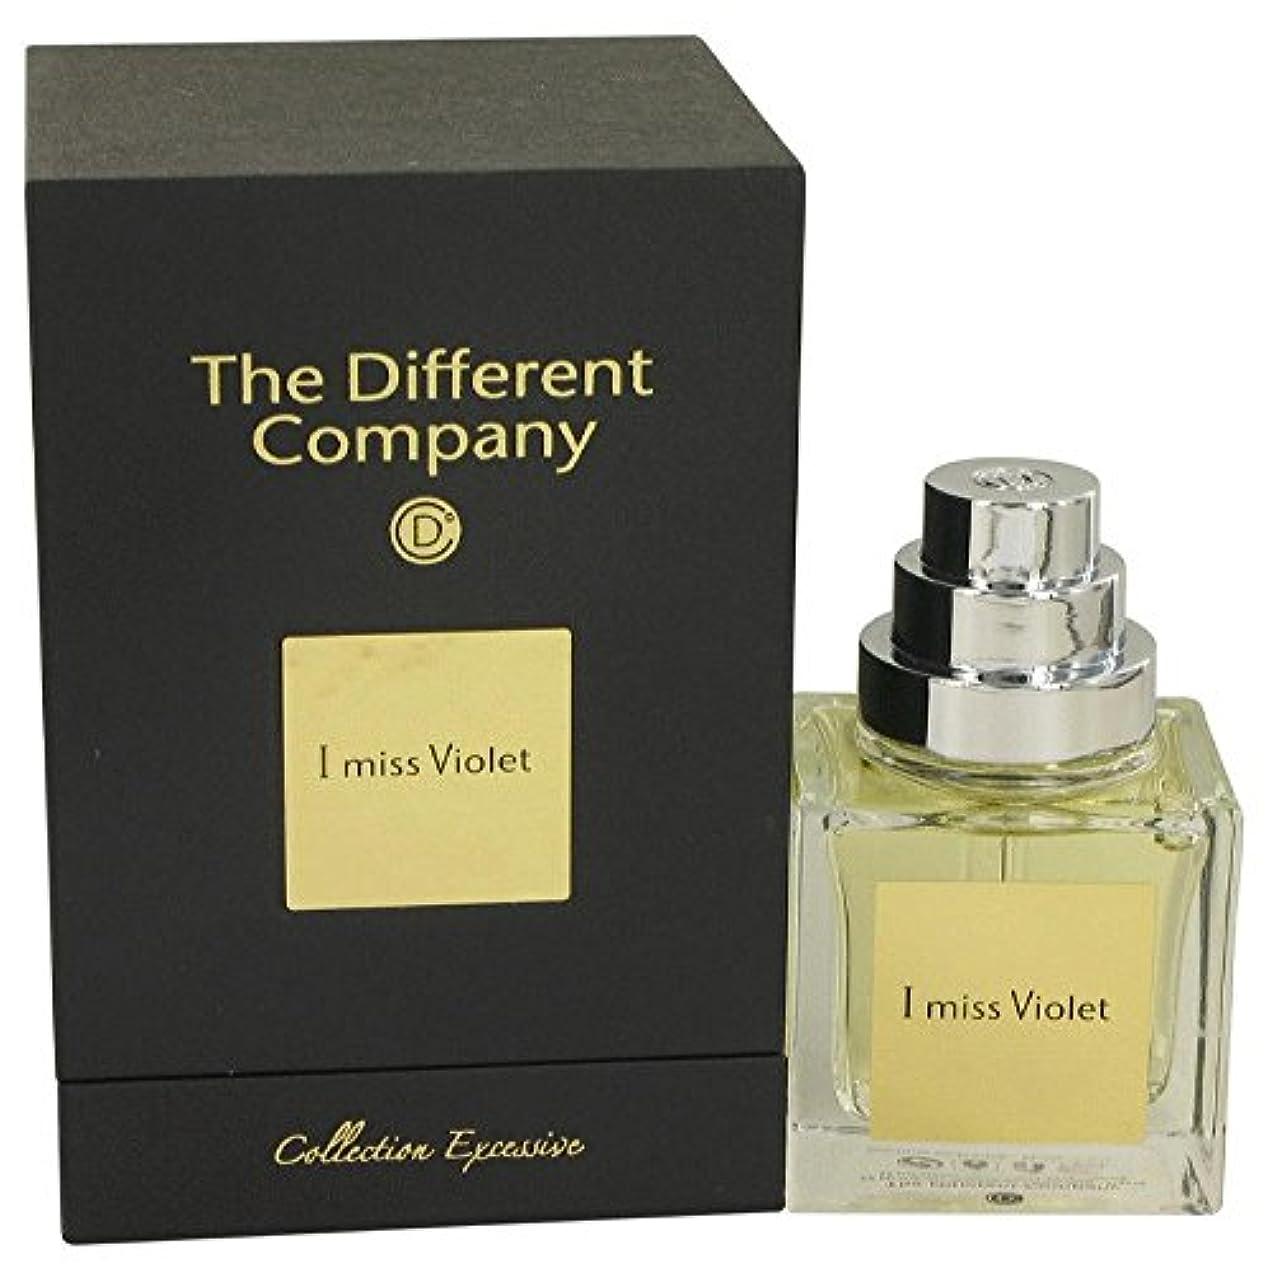 磁気遅い落胆するThe Different Company I miss Violet (ザ ディファレント カンパニー アイ ミス バイオレット) 1.7 oz (50ml) EDP Spray for Women